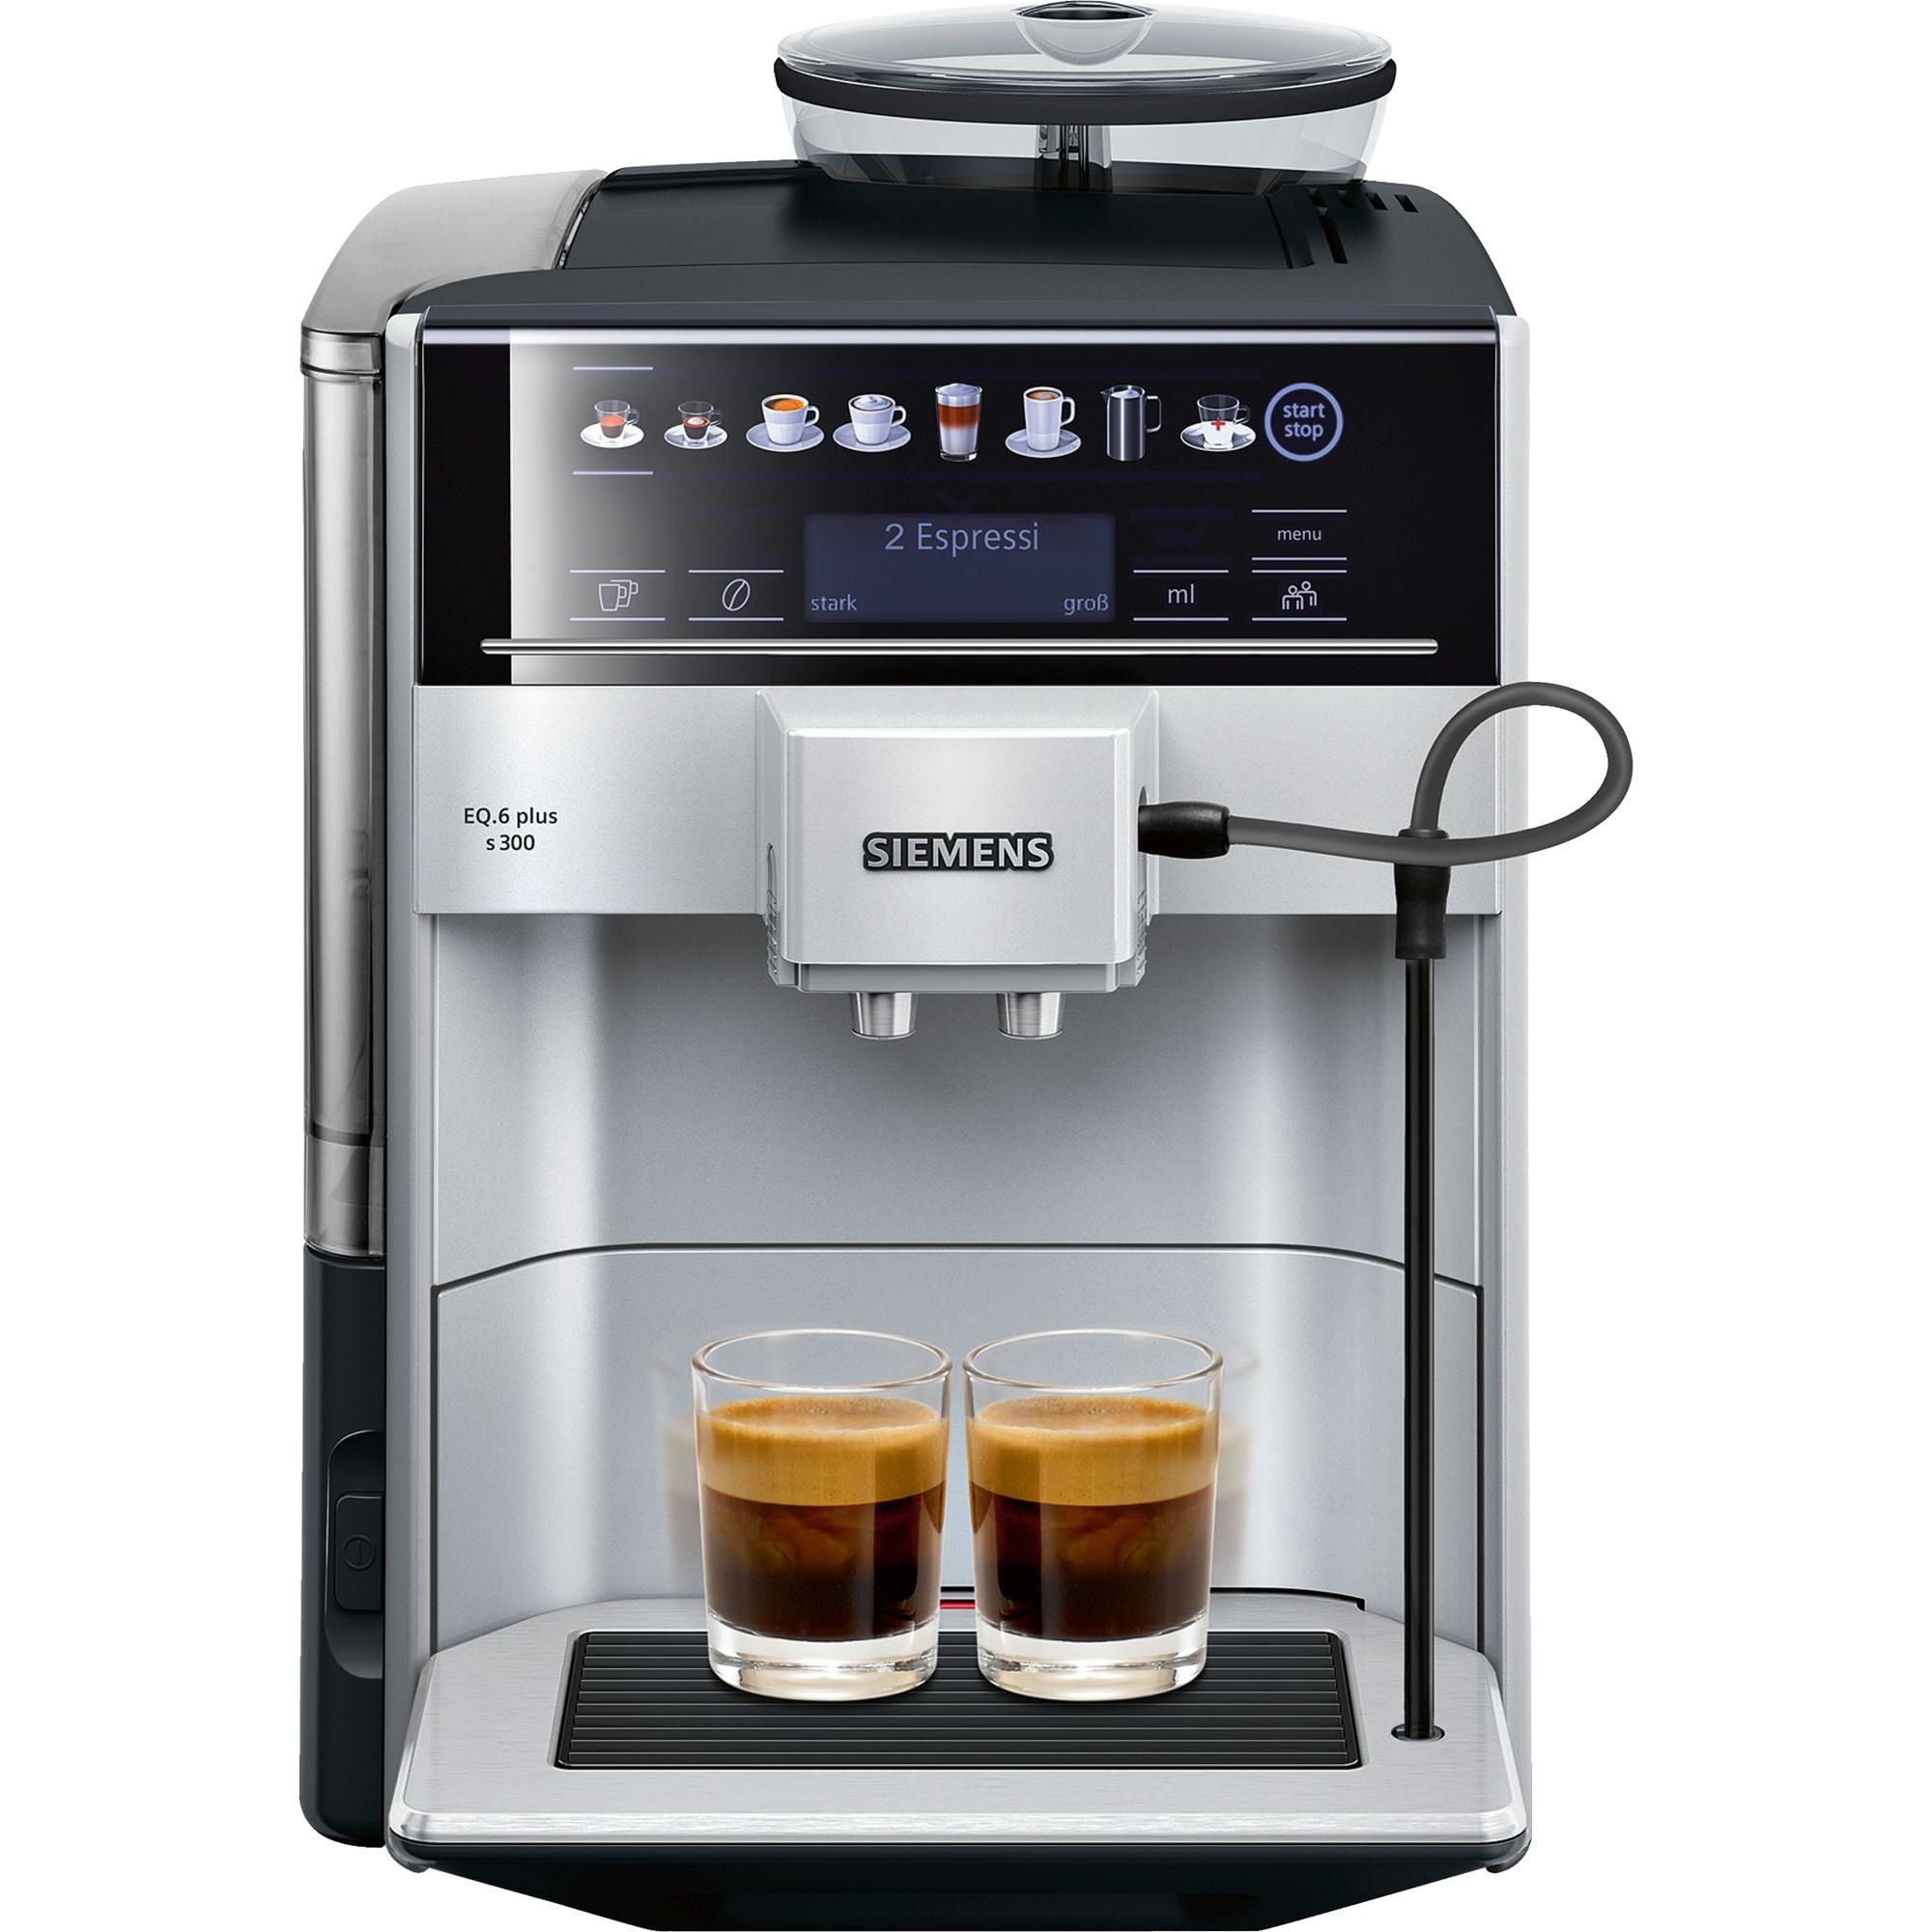 EQ.6 plus s300 Encimera Máquina espresso 1,7 L Totalmente automática, Superautomática